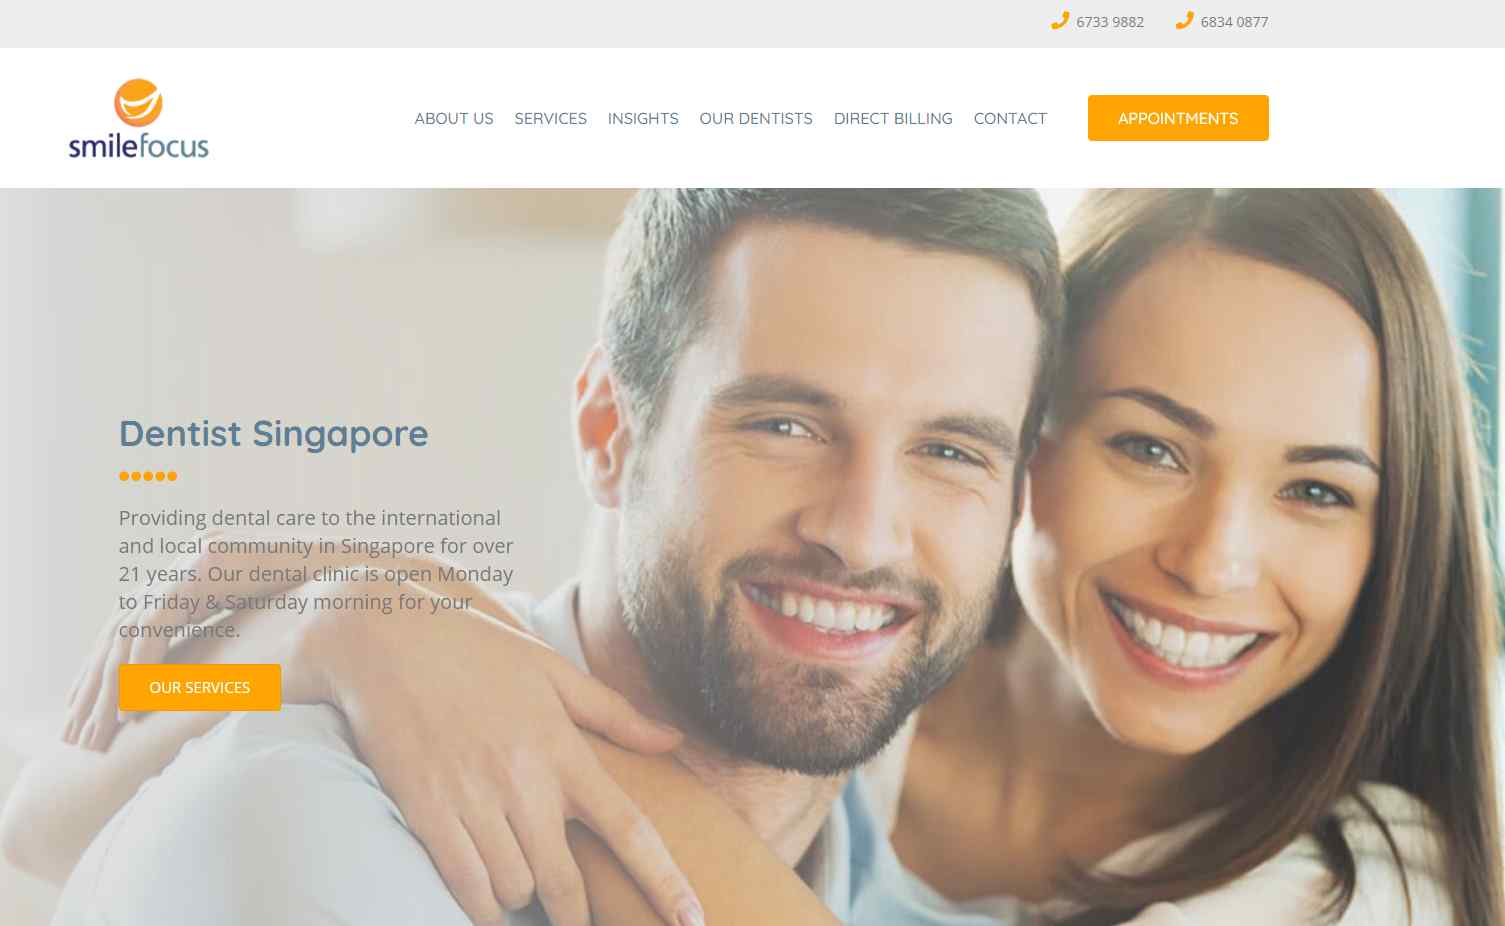 smile focus Top Orthodontics & Clinics Providing Invisalign In Singapore